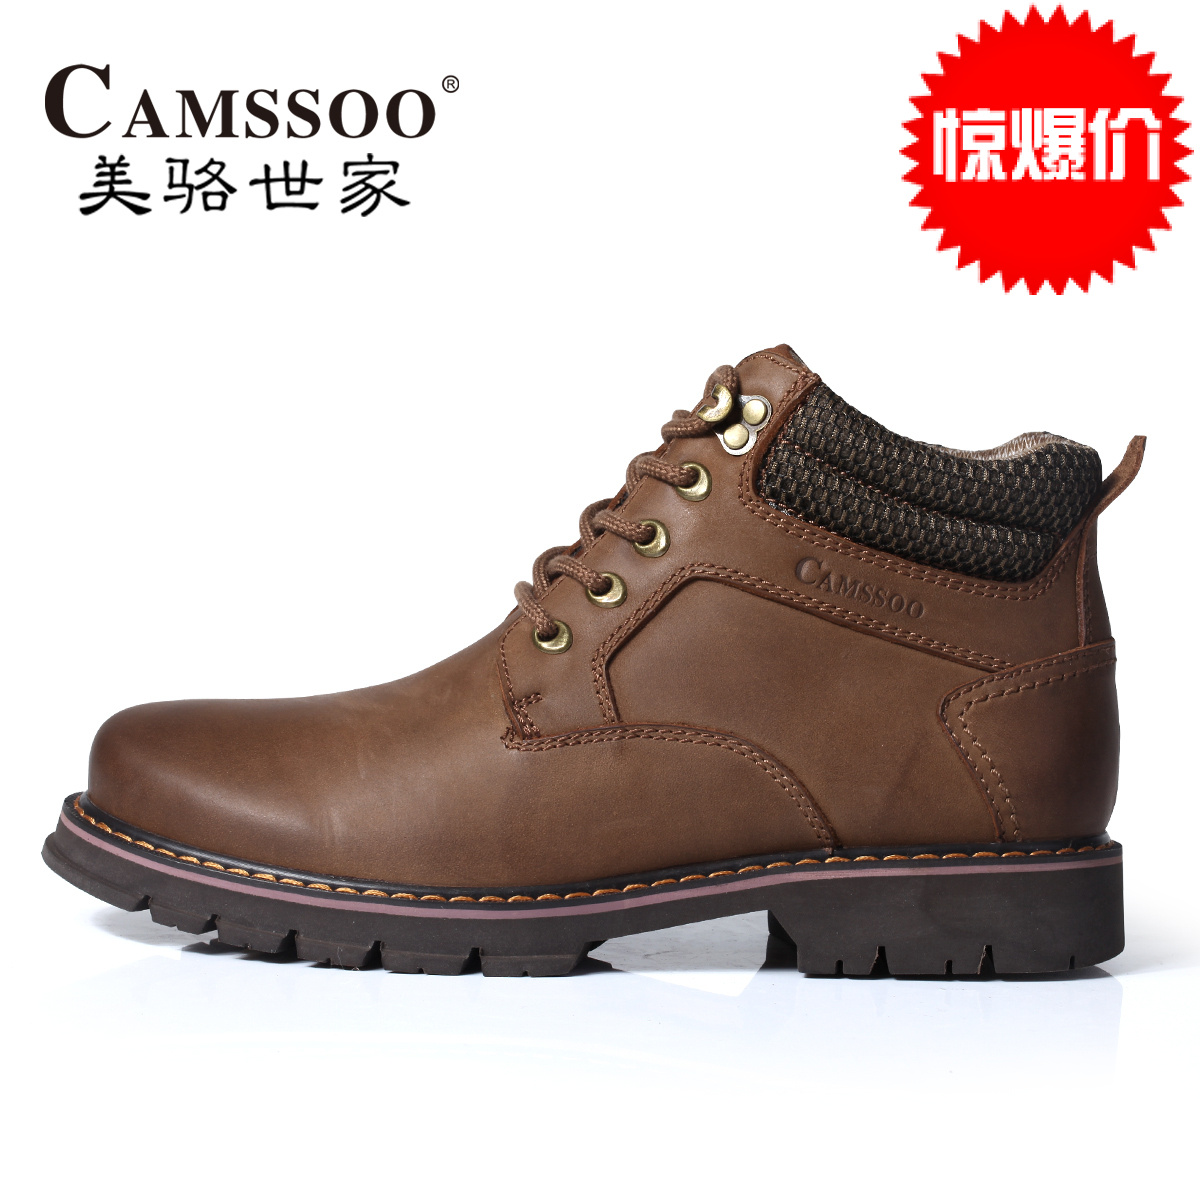 Мокасины, прогулочная обувь Camssoo 180092 Camssoo / America Luo family